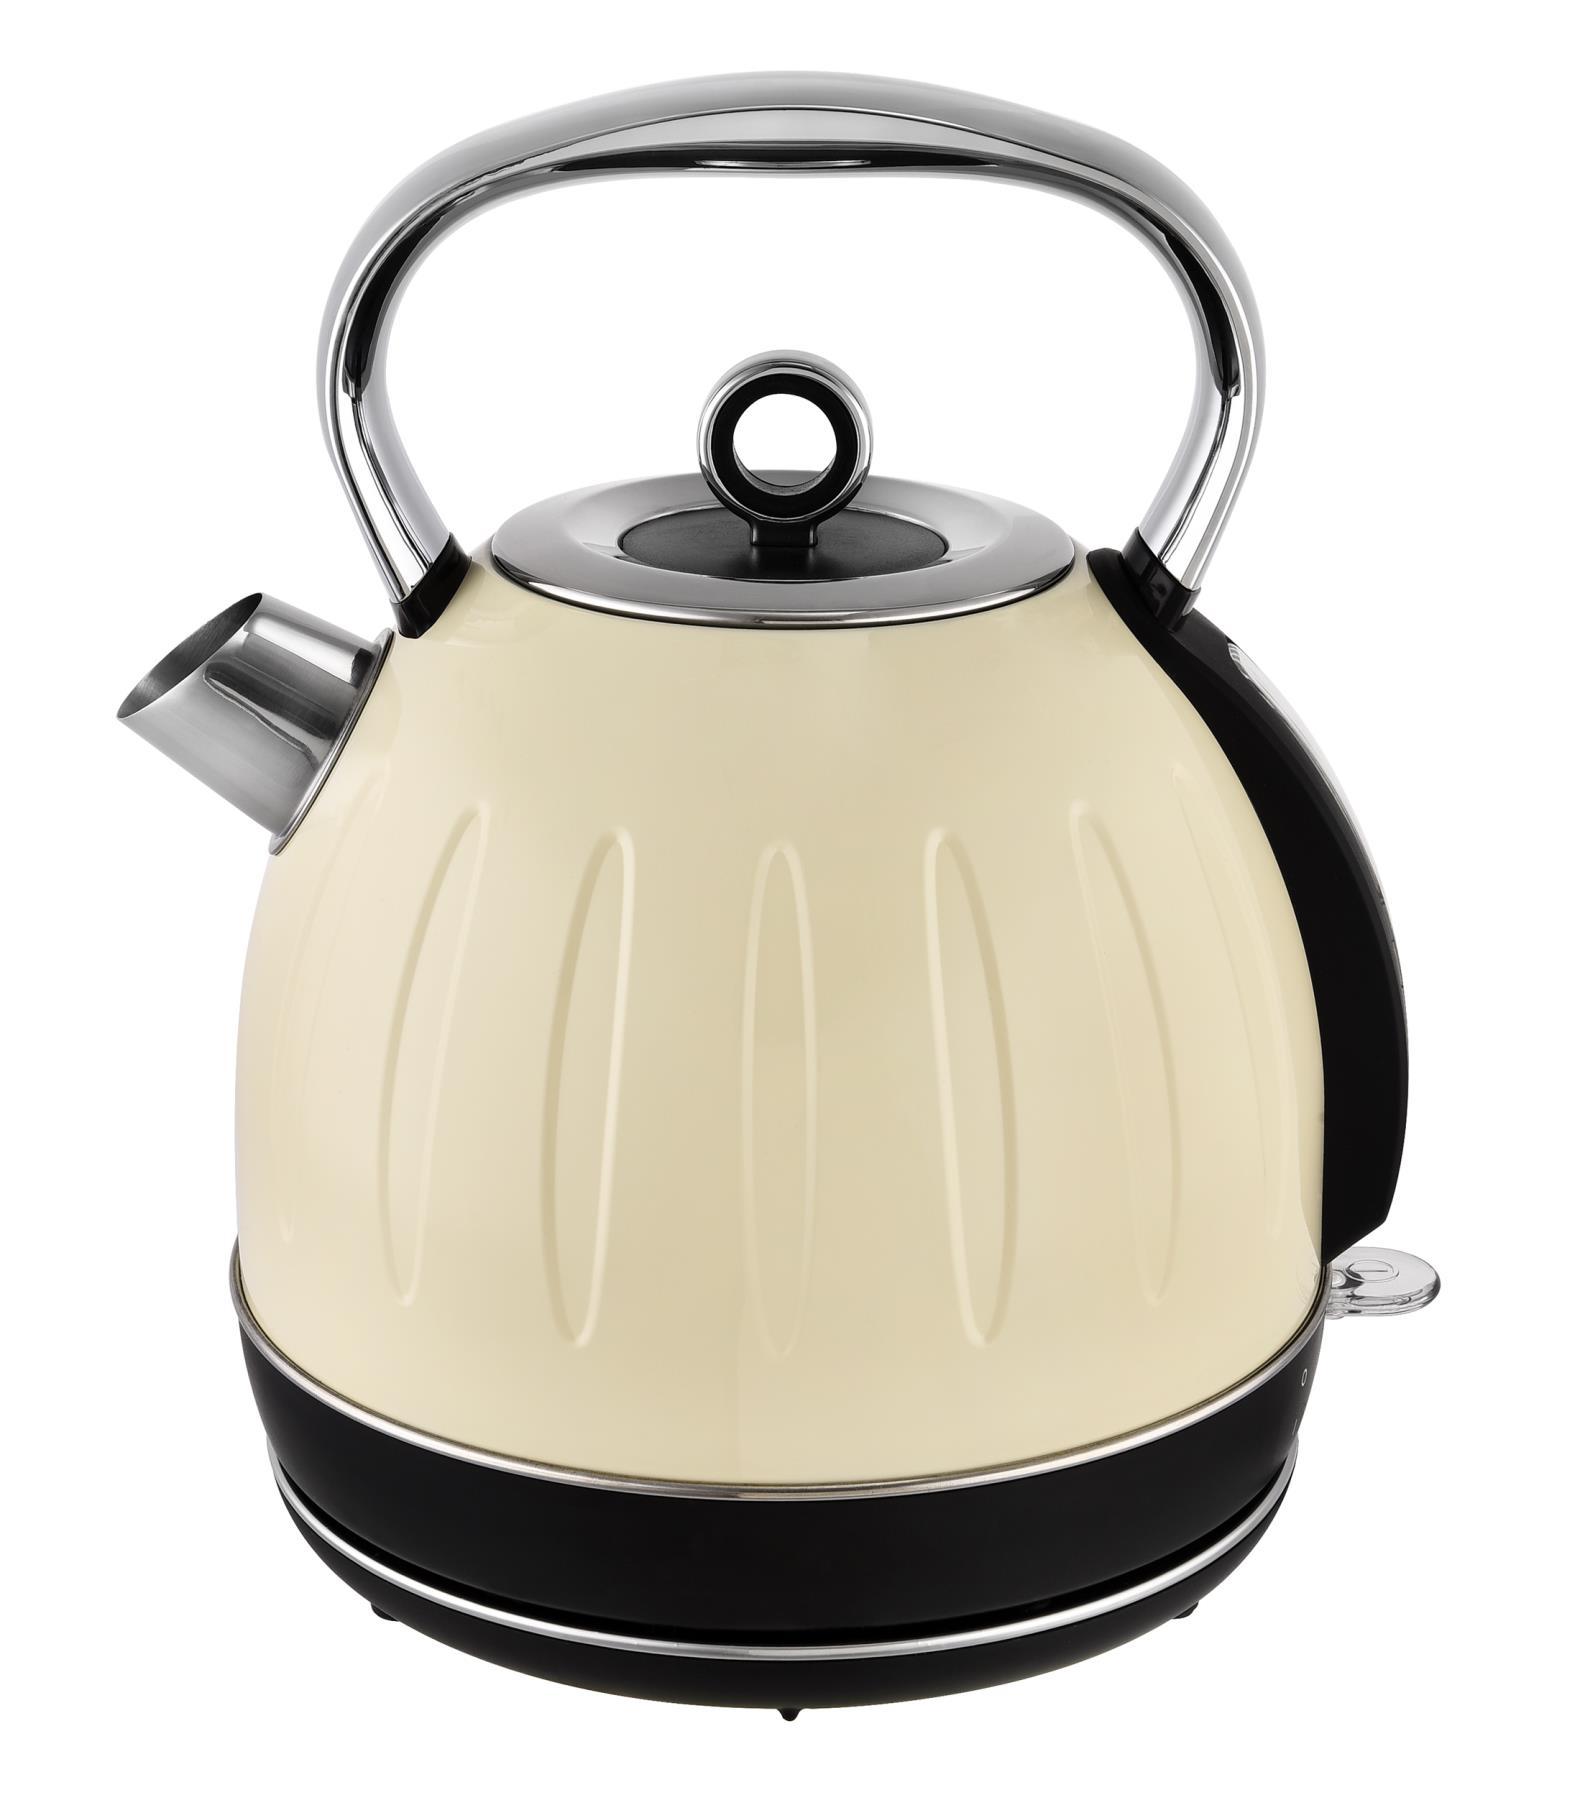 Küchenset Edelstahl 3-teilig 2-Scheiben Toaster Wasserkocher 1,7 L Miniofen 19,5L Retro Creme-Weiß Bild 2